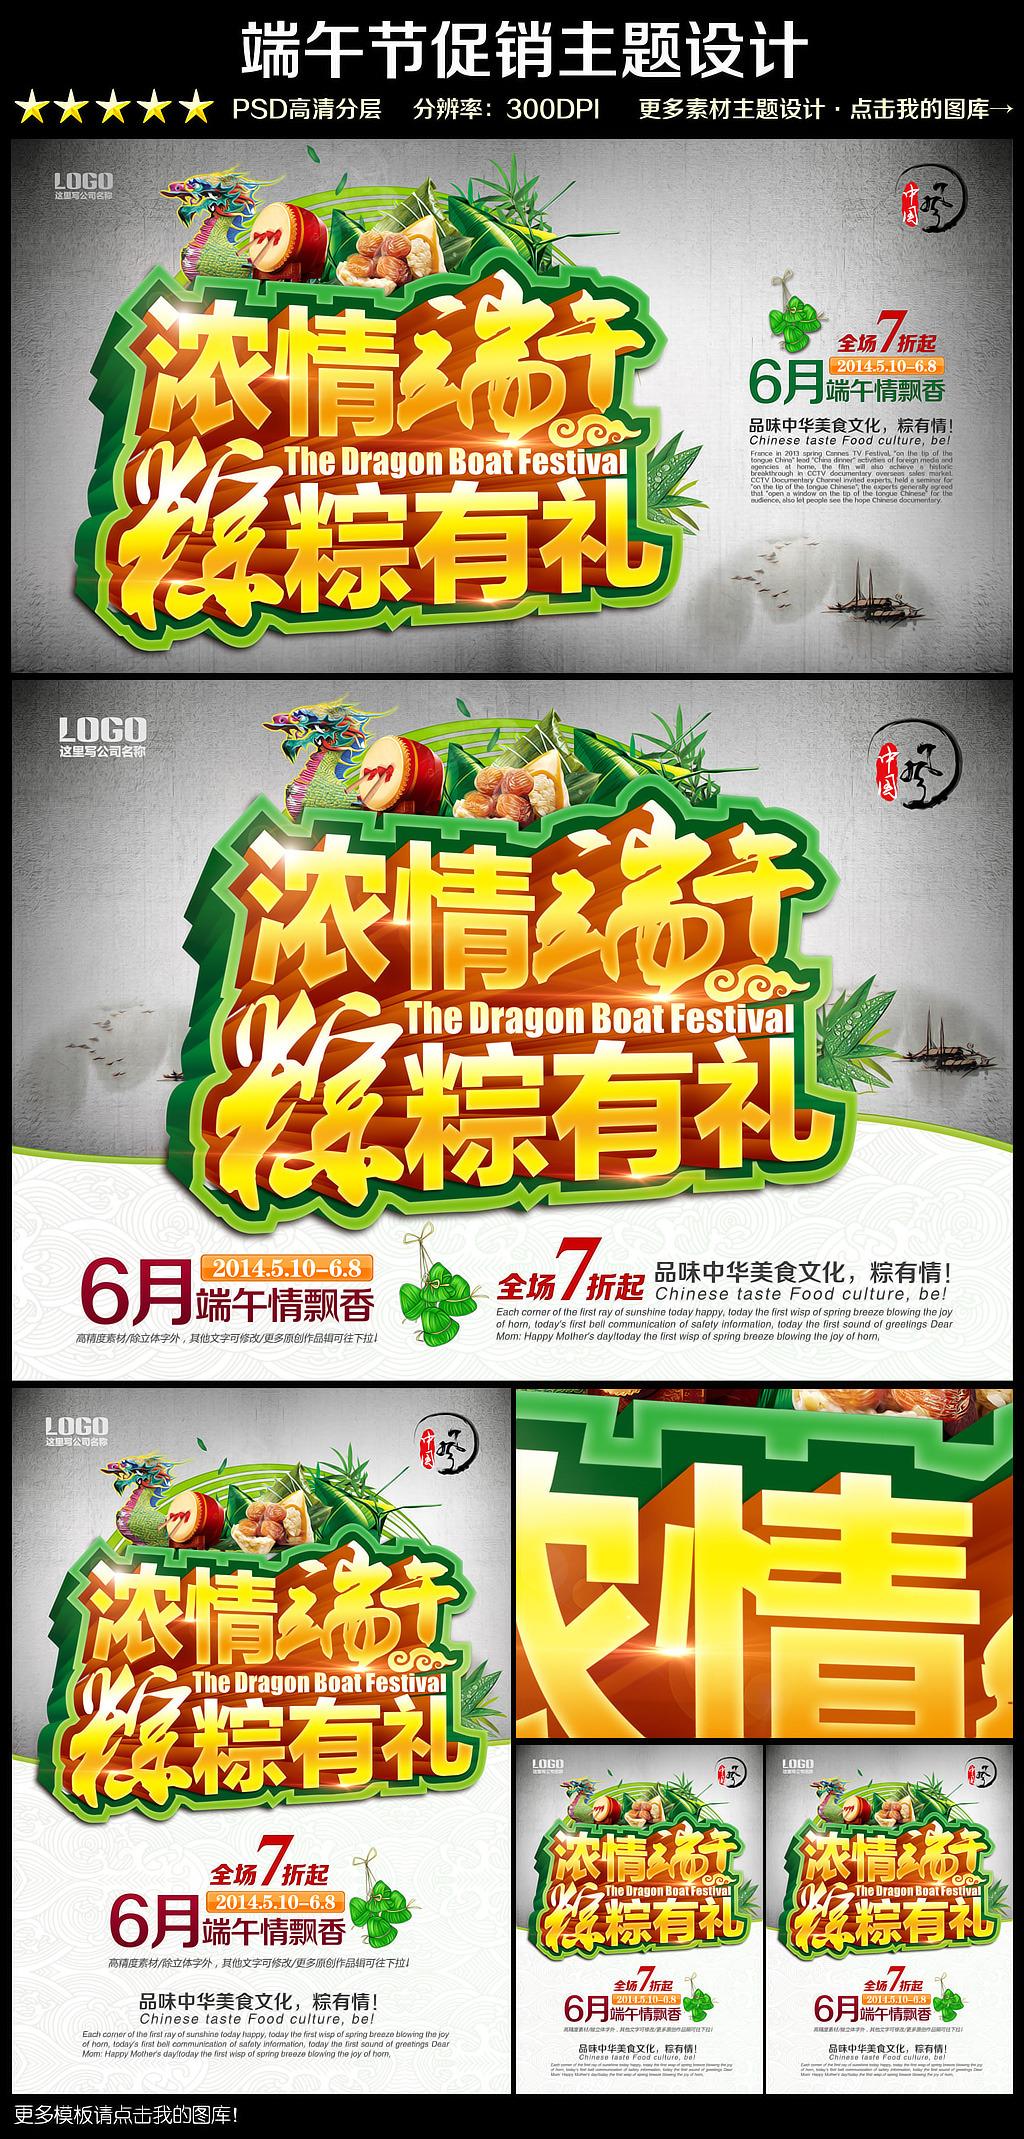 端午节超市淘宝天猫东京海报背景模板下载